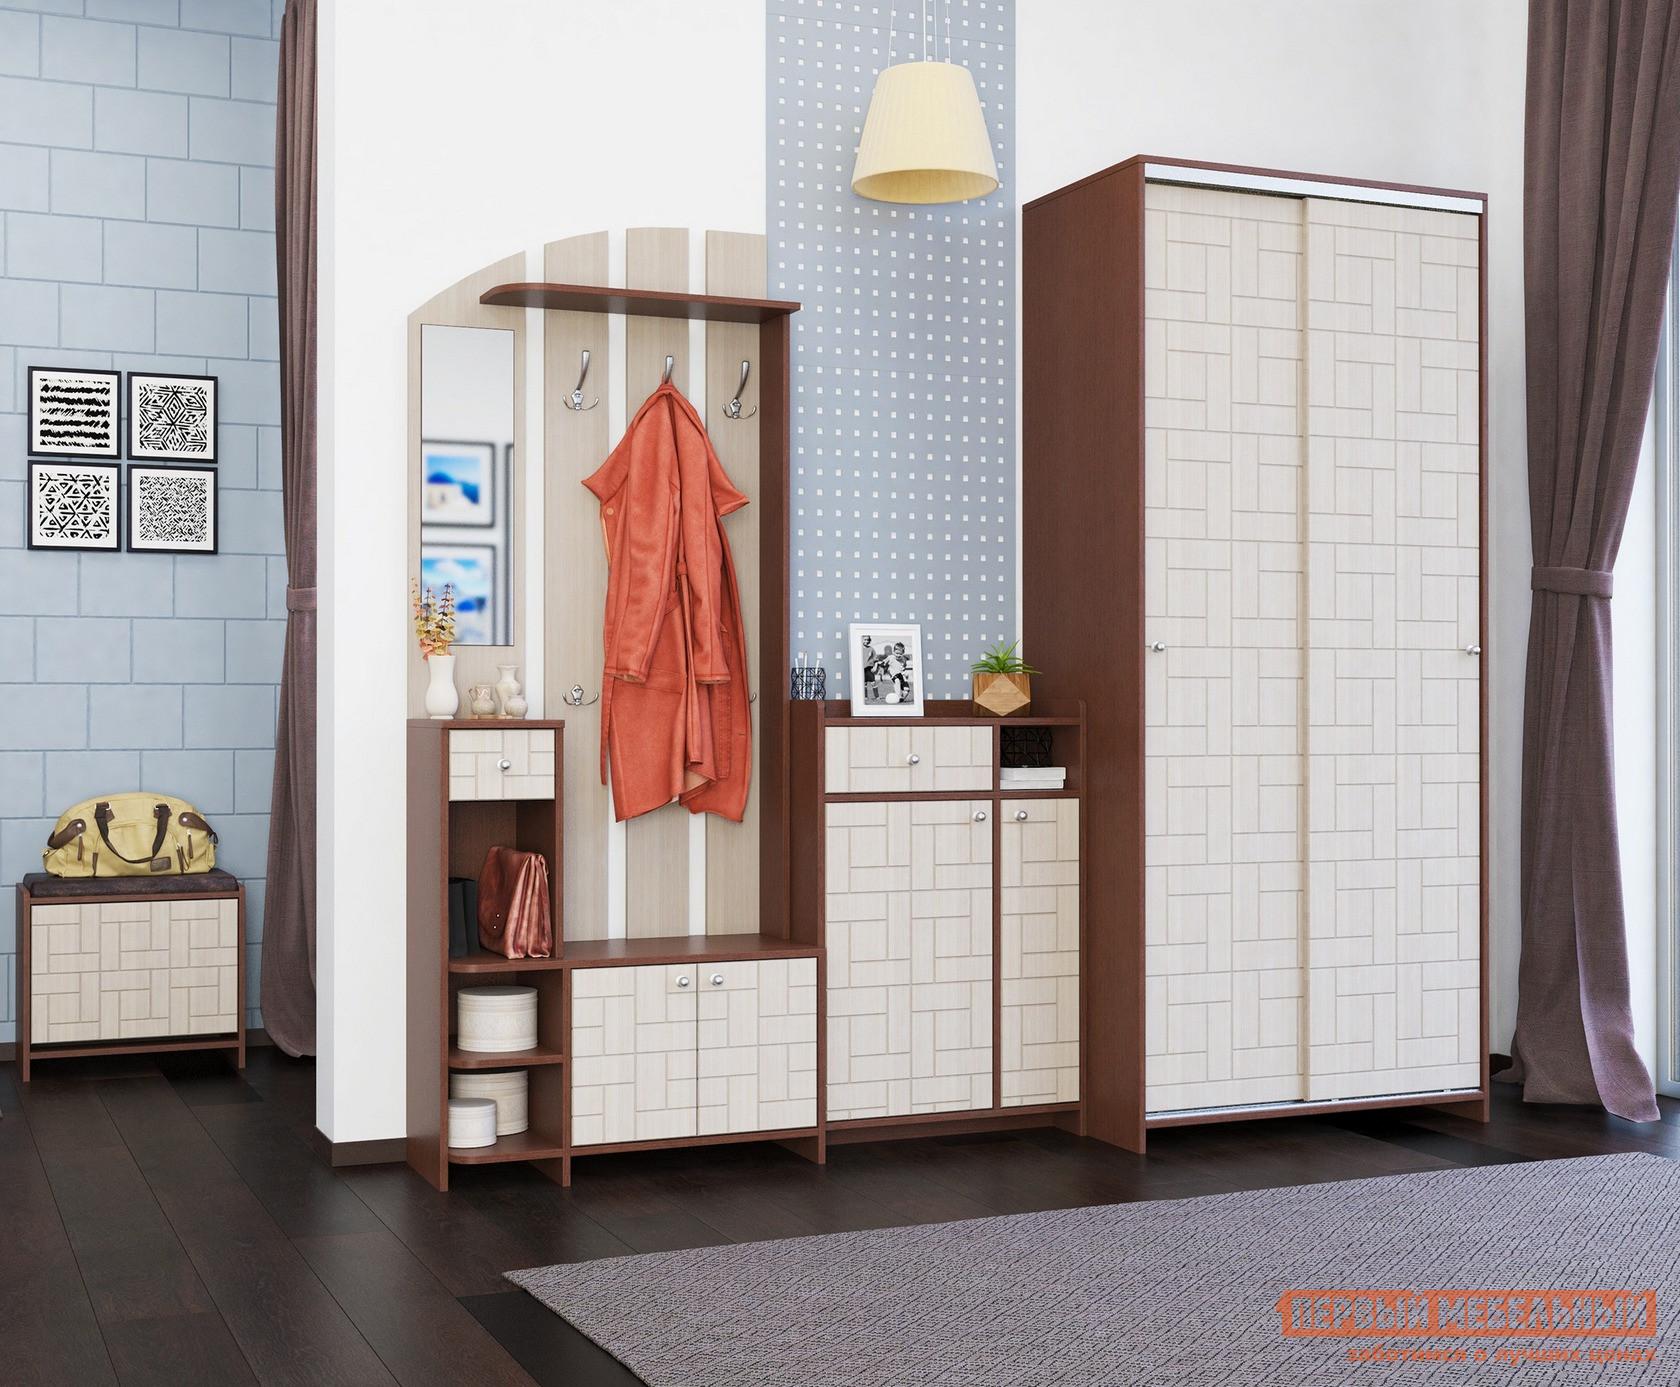 Прихожая в коридор МО РОСТ Восток К1 спальный гарнитур трия саванна к1